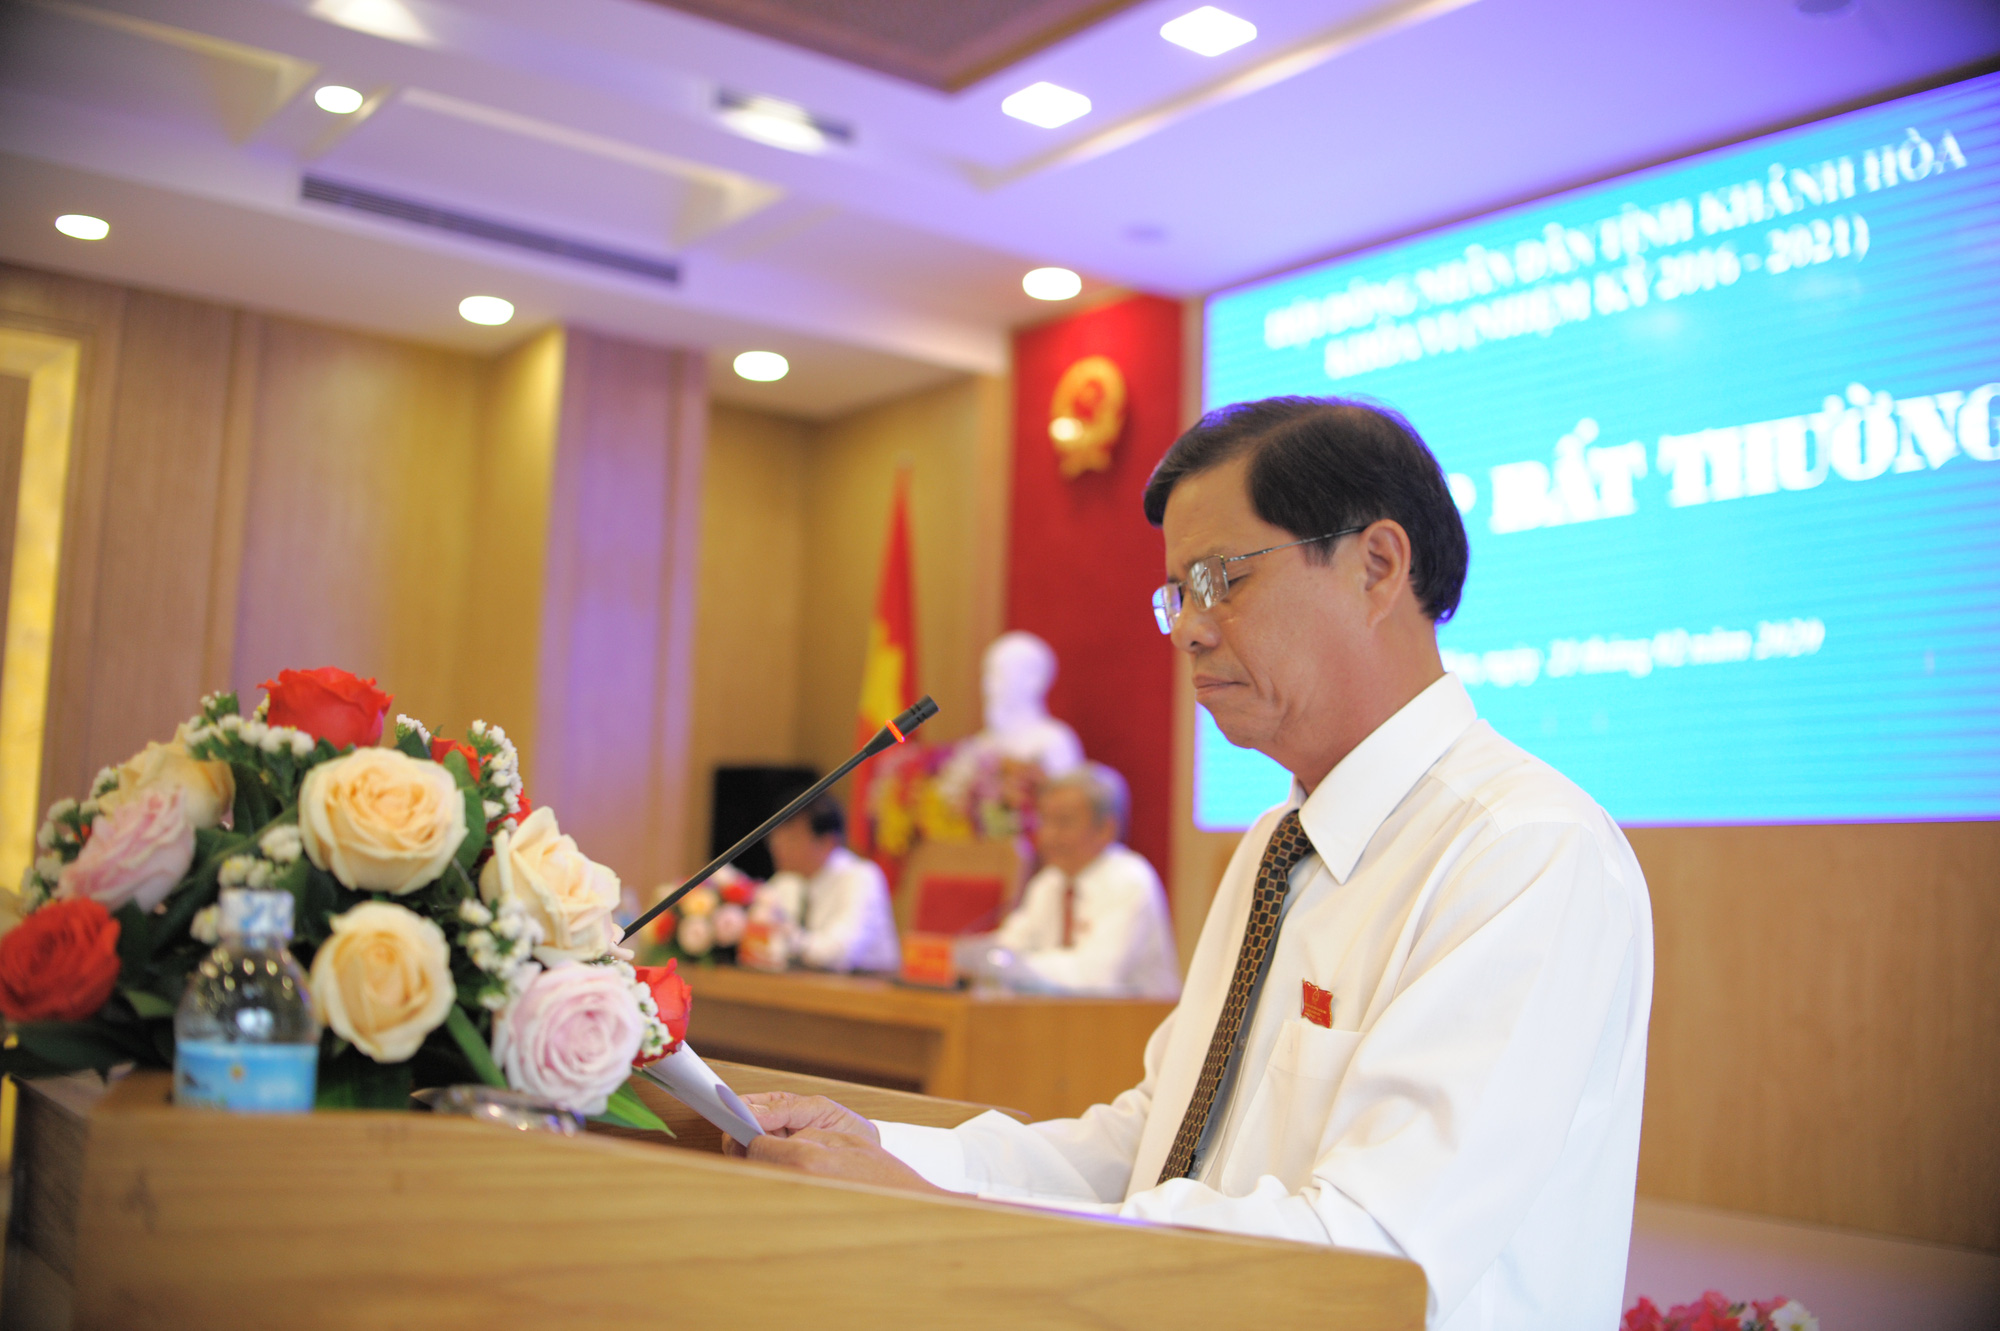 Ông Nguyễn Tấn Tuân giữ chức chủ UBND tỉnh Khánh Hòa - Ảnh 1.